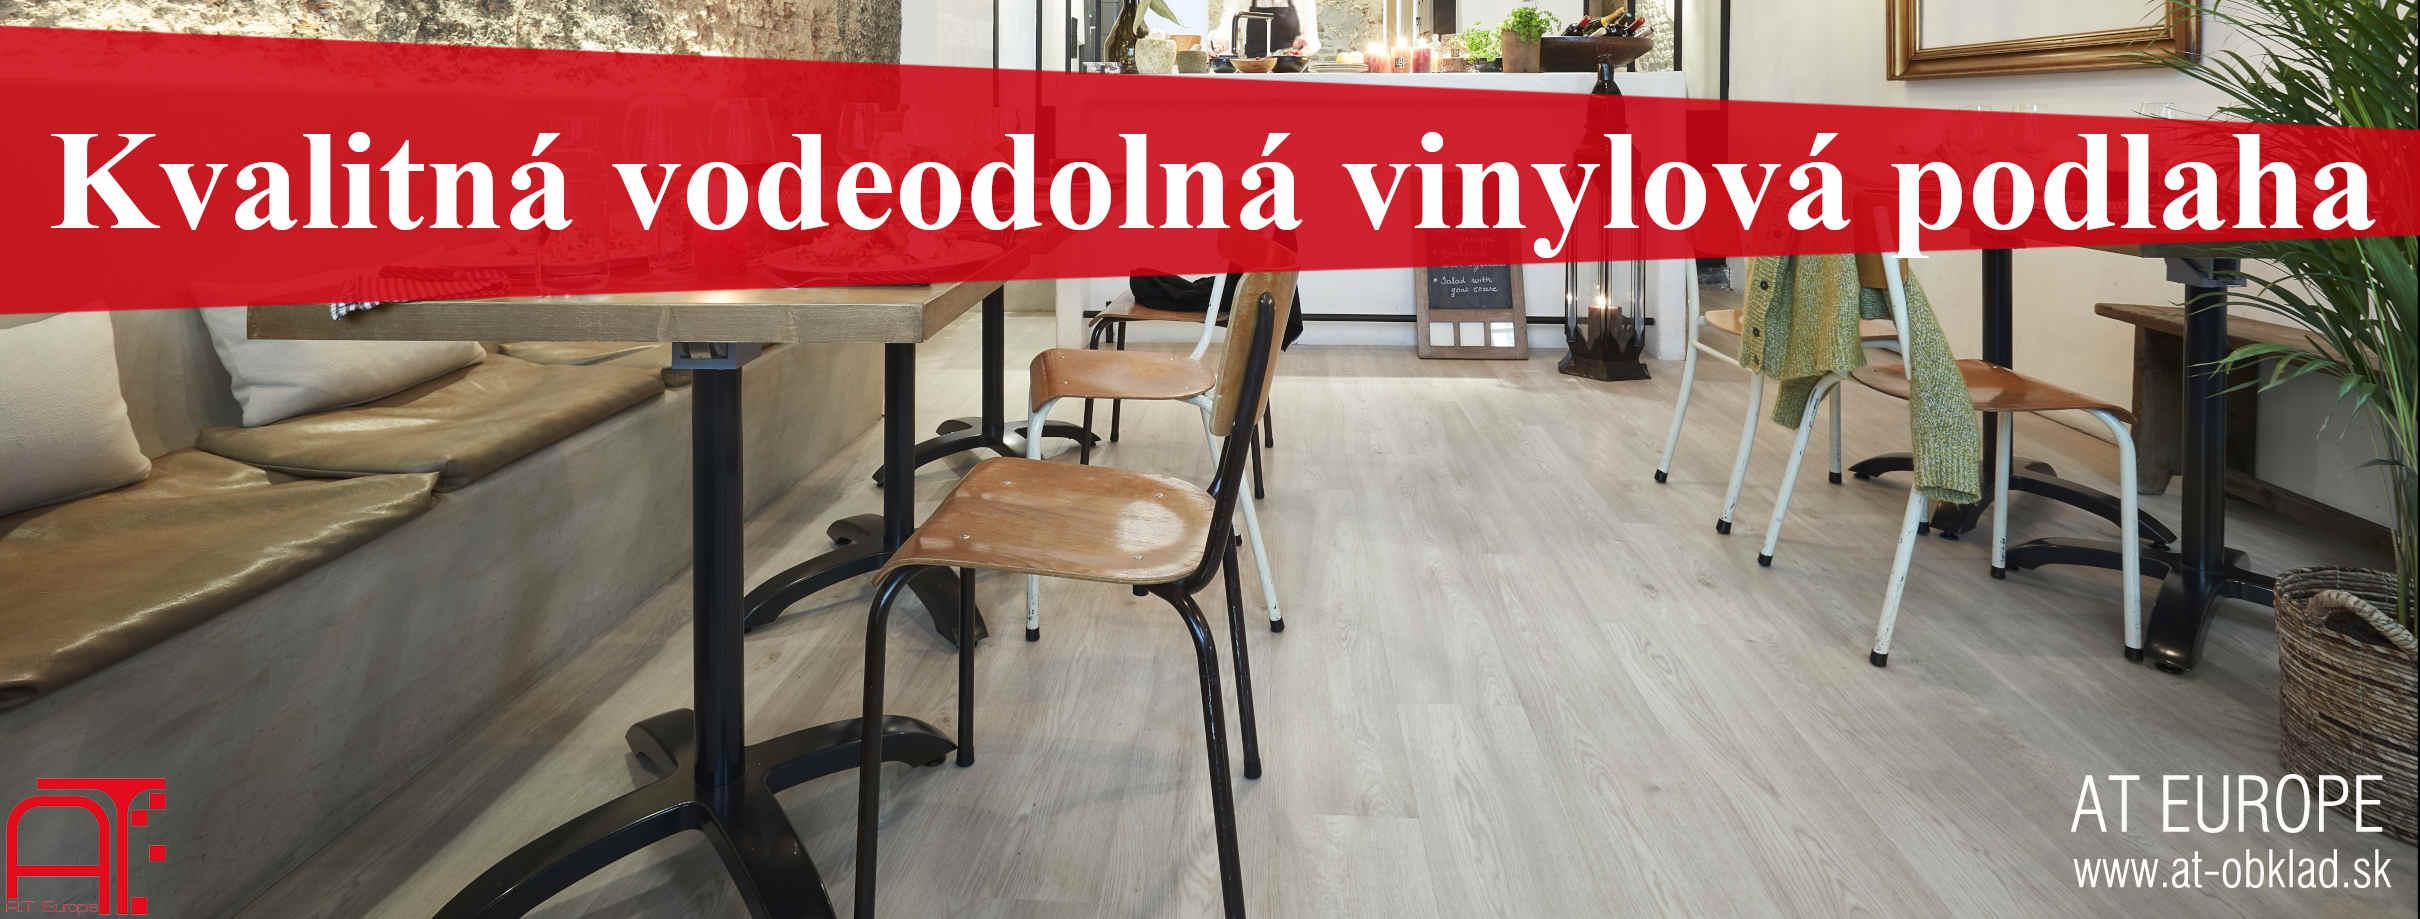 Kvalitná vodeodolná vinylová podlaha